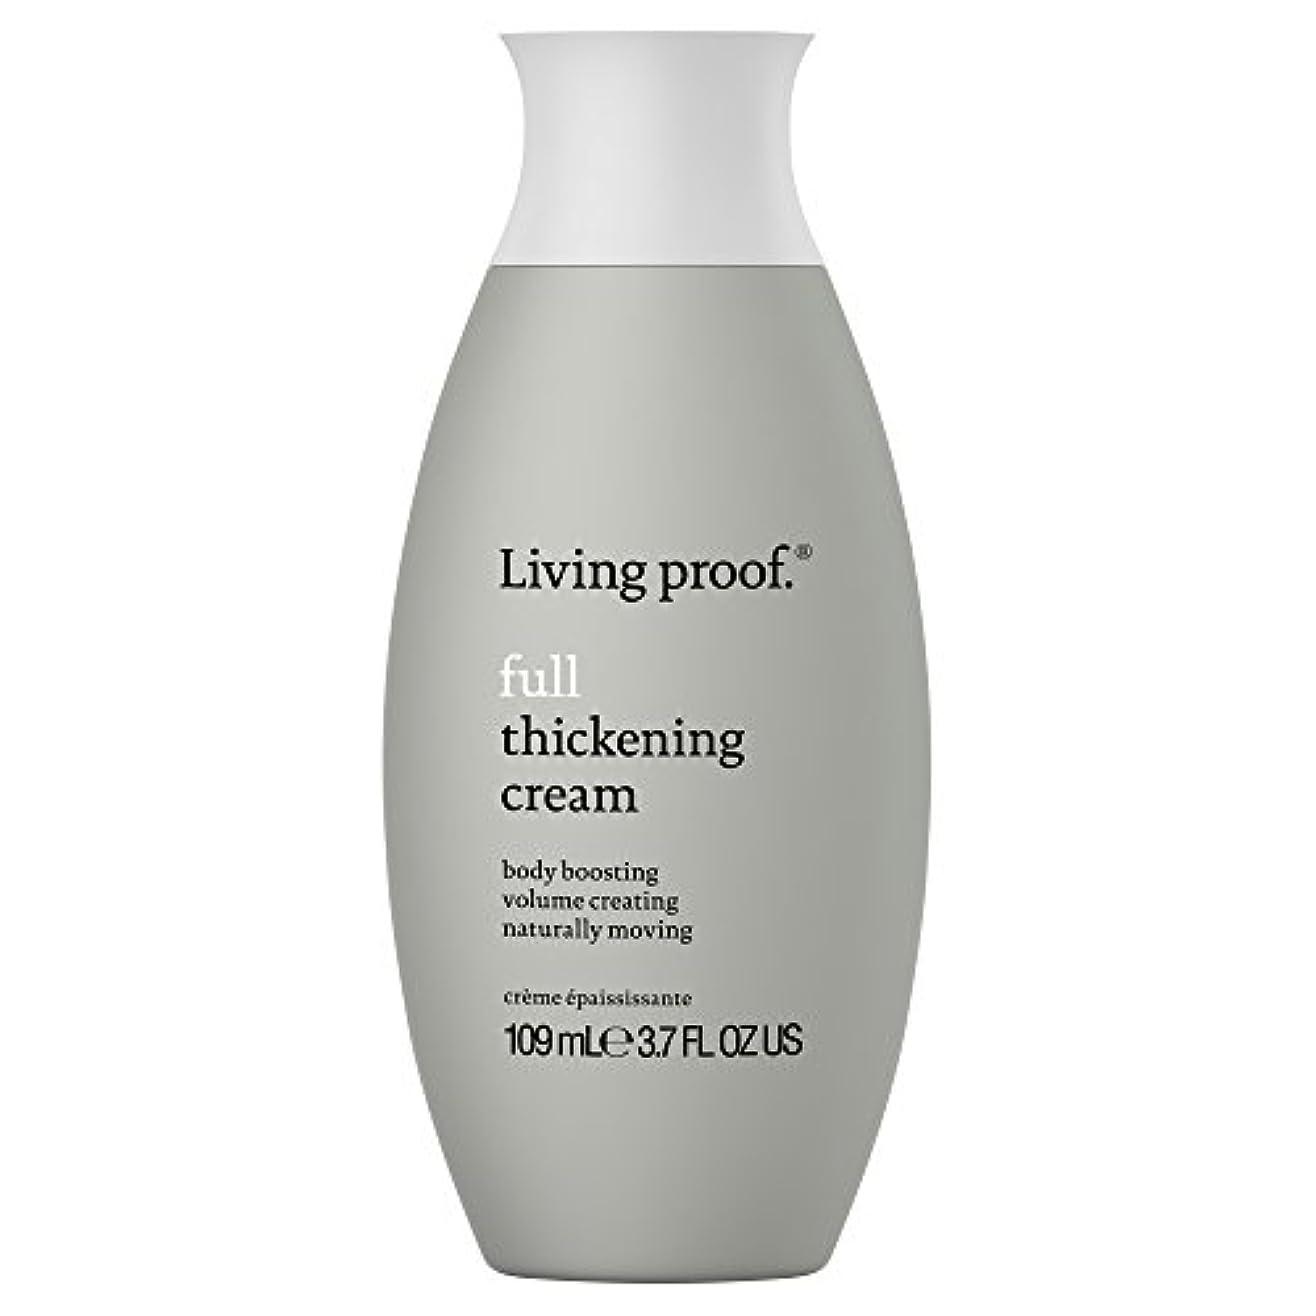 に渡って塊ゴミ生きている証拠フル肥厚クリーム109ミリリットル (Living Proof) (x6) - Living Proof Full Thickening Cream 109ml (Pack of 6) [並行輸入品]